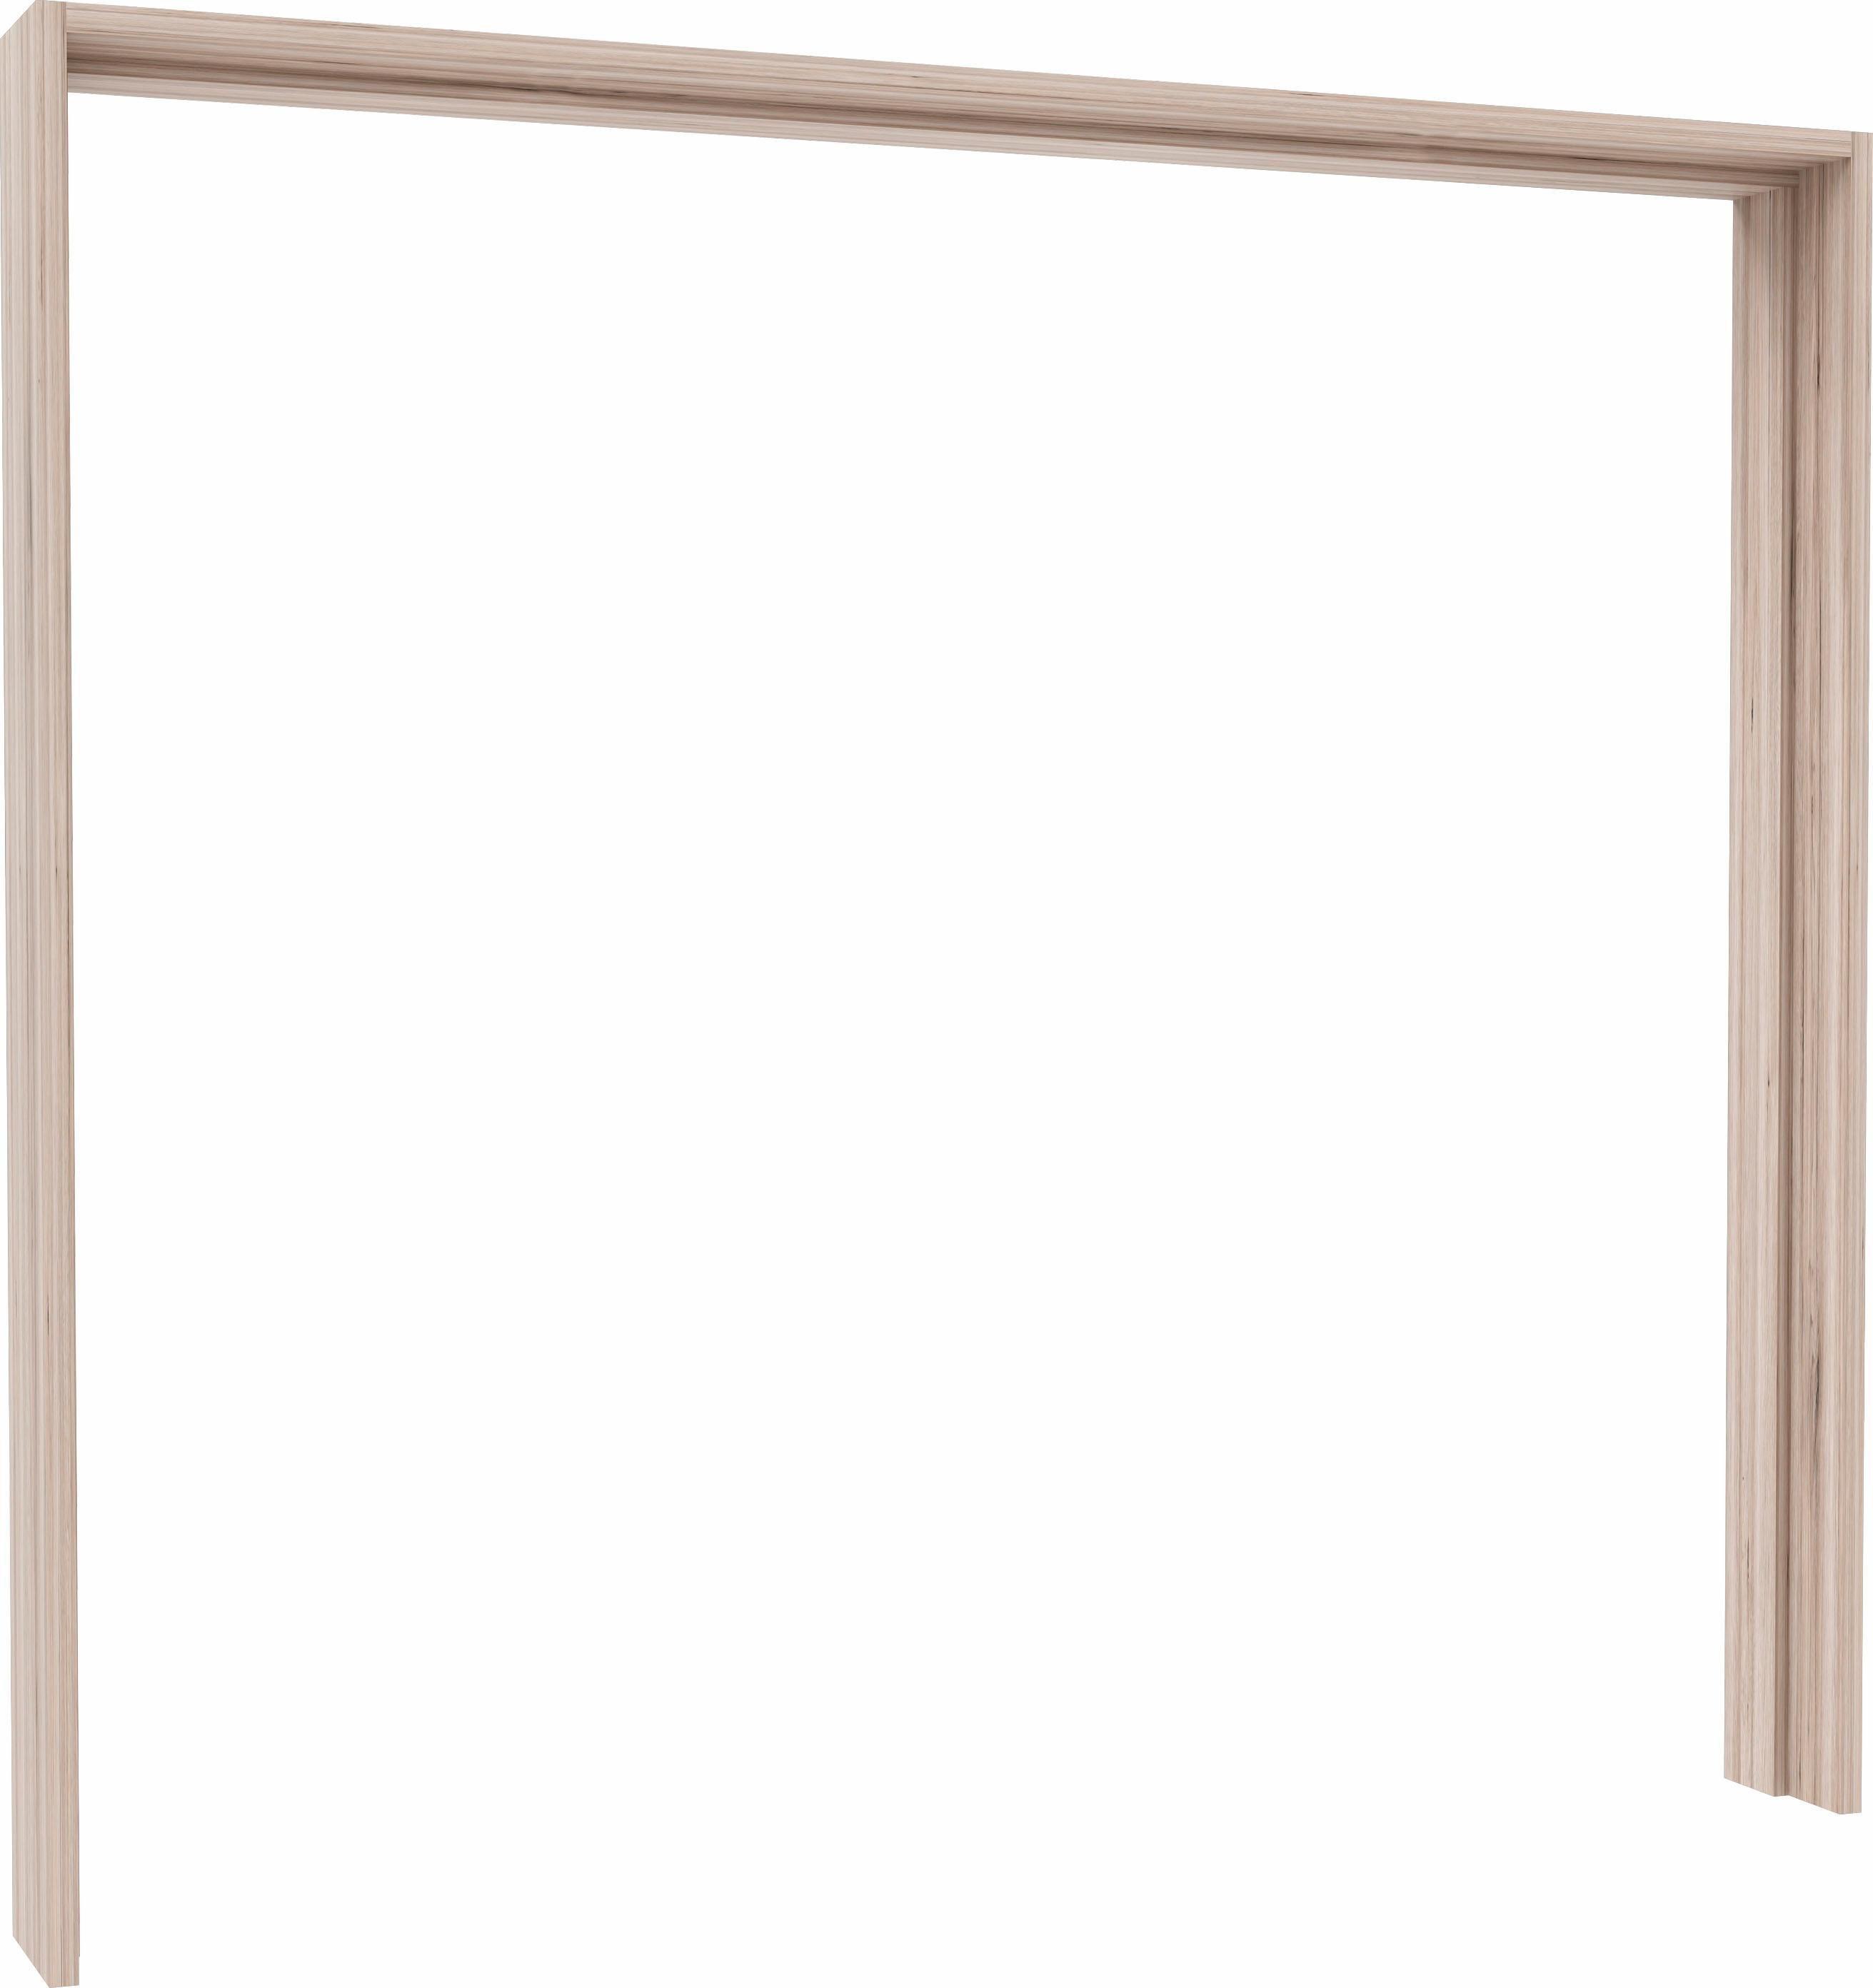 Ausgezeichnet Wie Türen Auf Bestehenden Rahmen Hängen Galerie ...